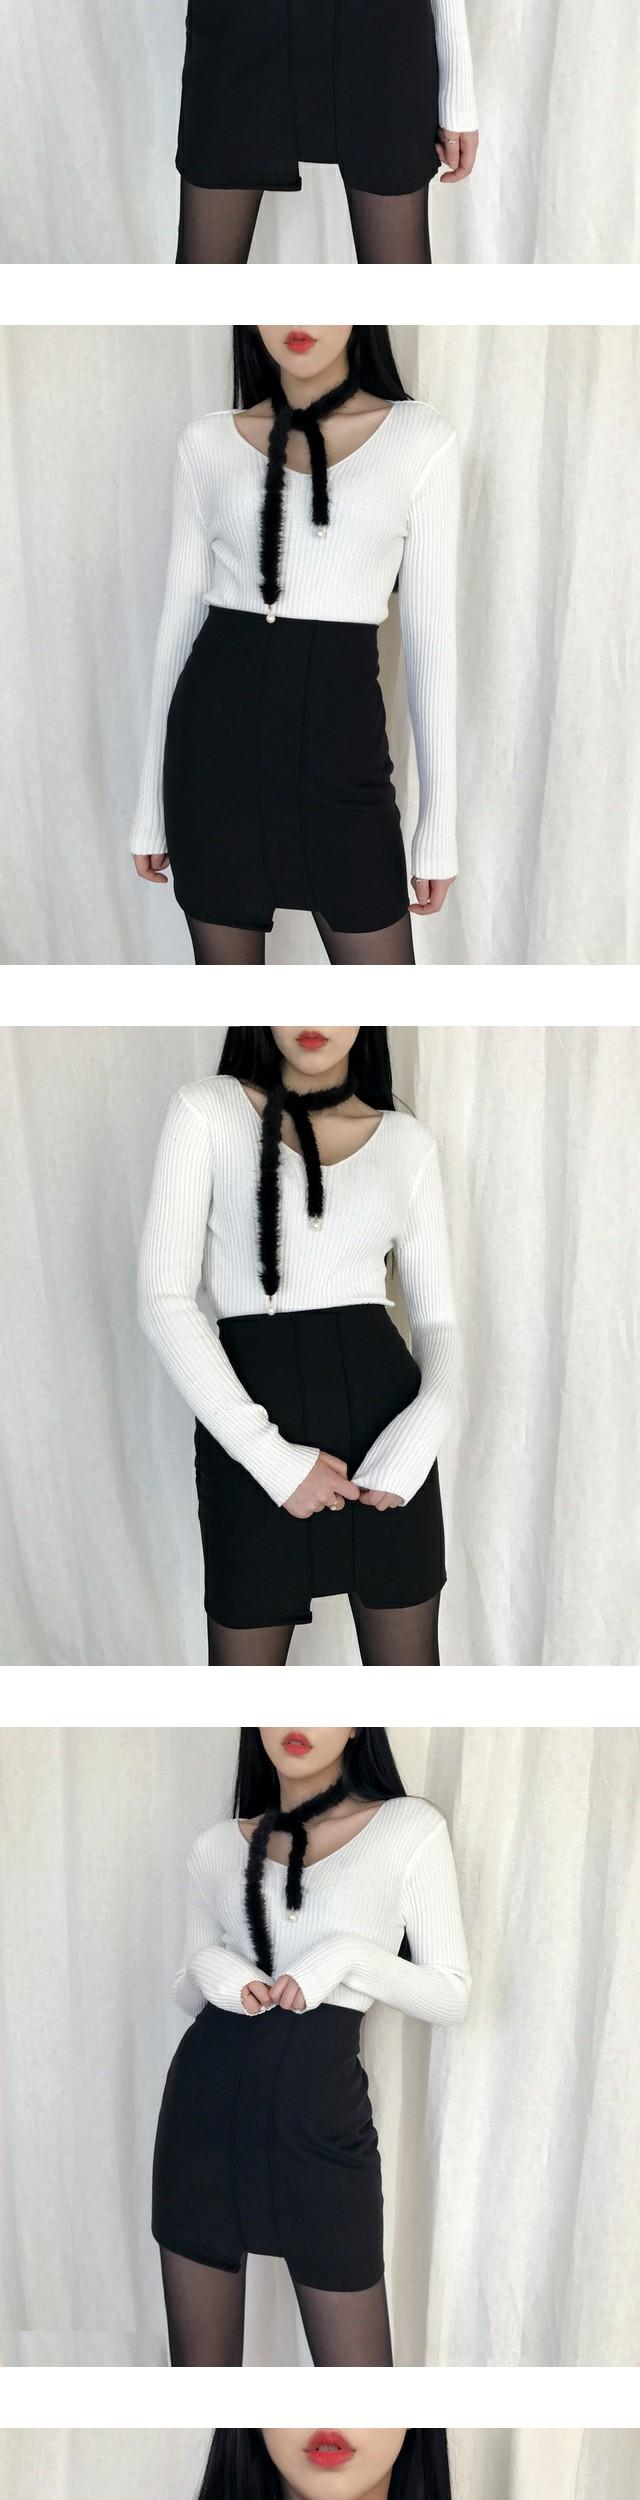 S & V knit